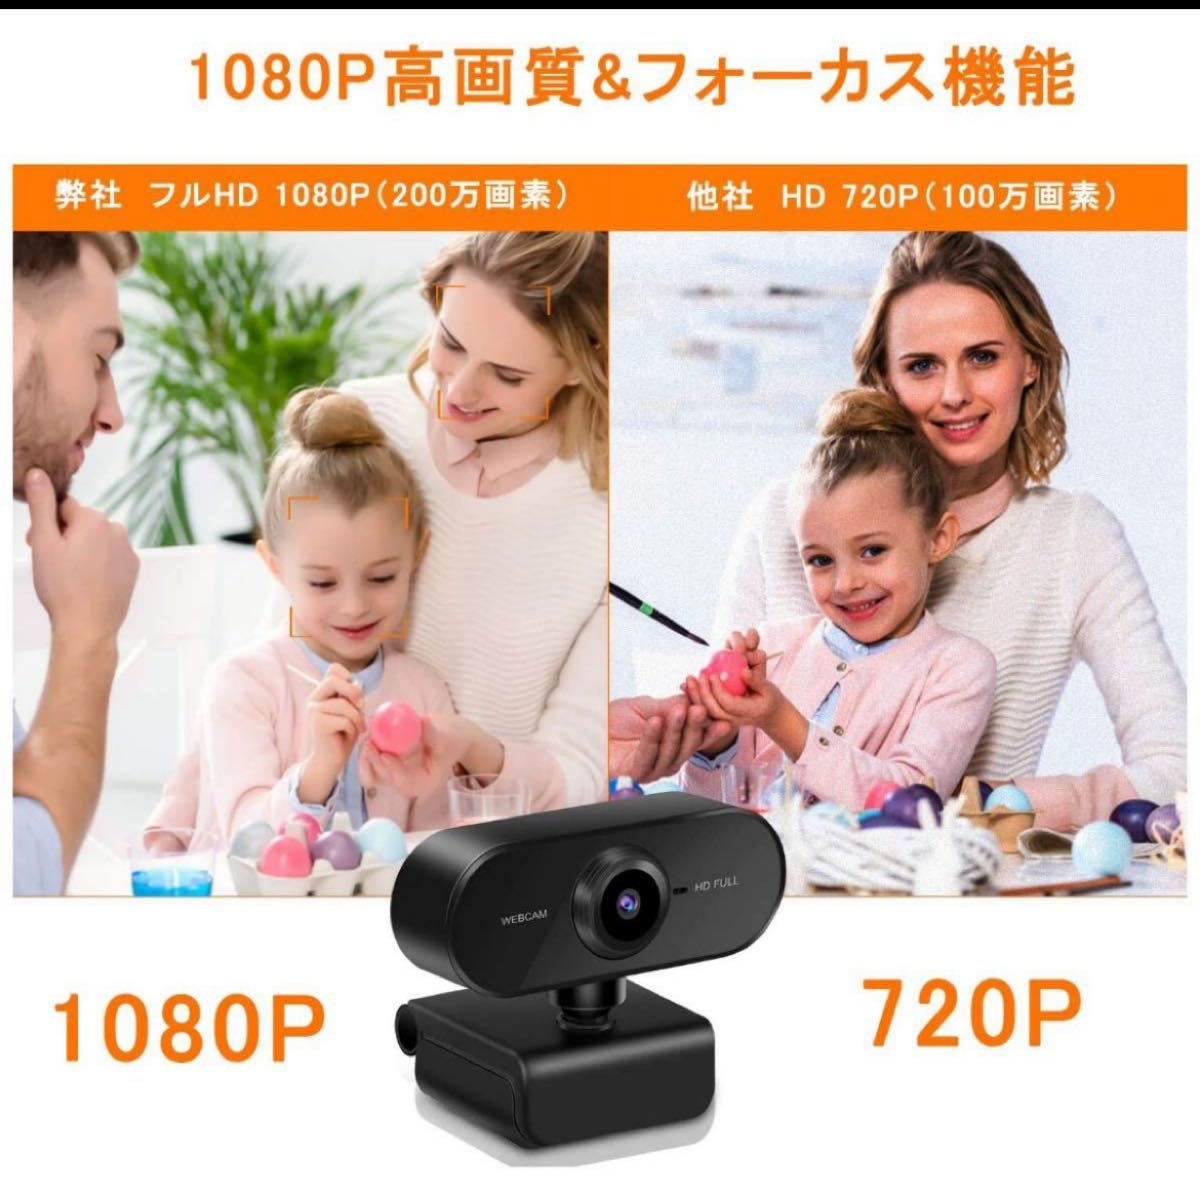 ウェブカメラ Yihao Webカメラ フルHD1080P マイク内蔵 30FPS オートフォーカス ドライバ不要 2台セット